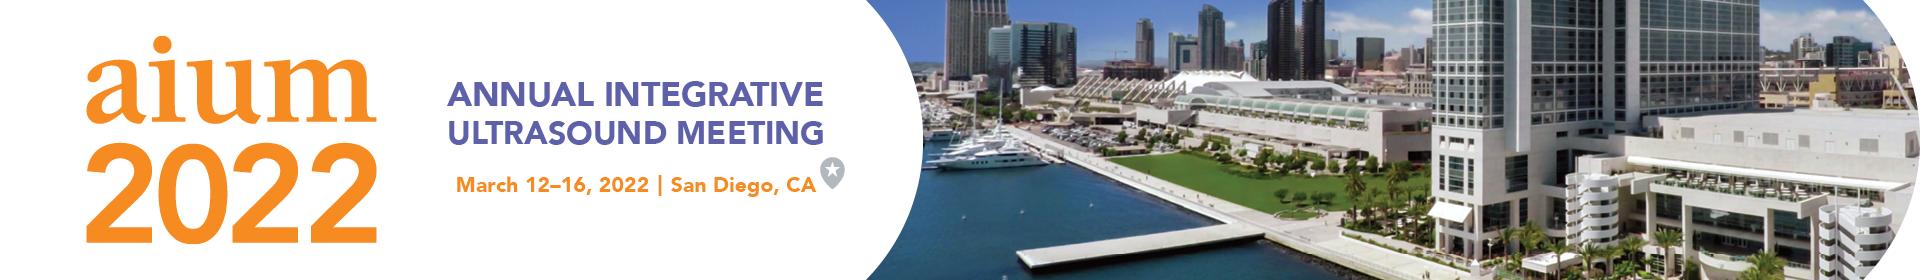 AIUM 2022 Annual Meeting Banner Image